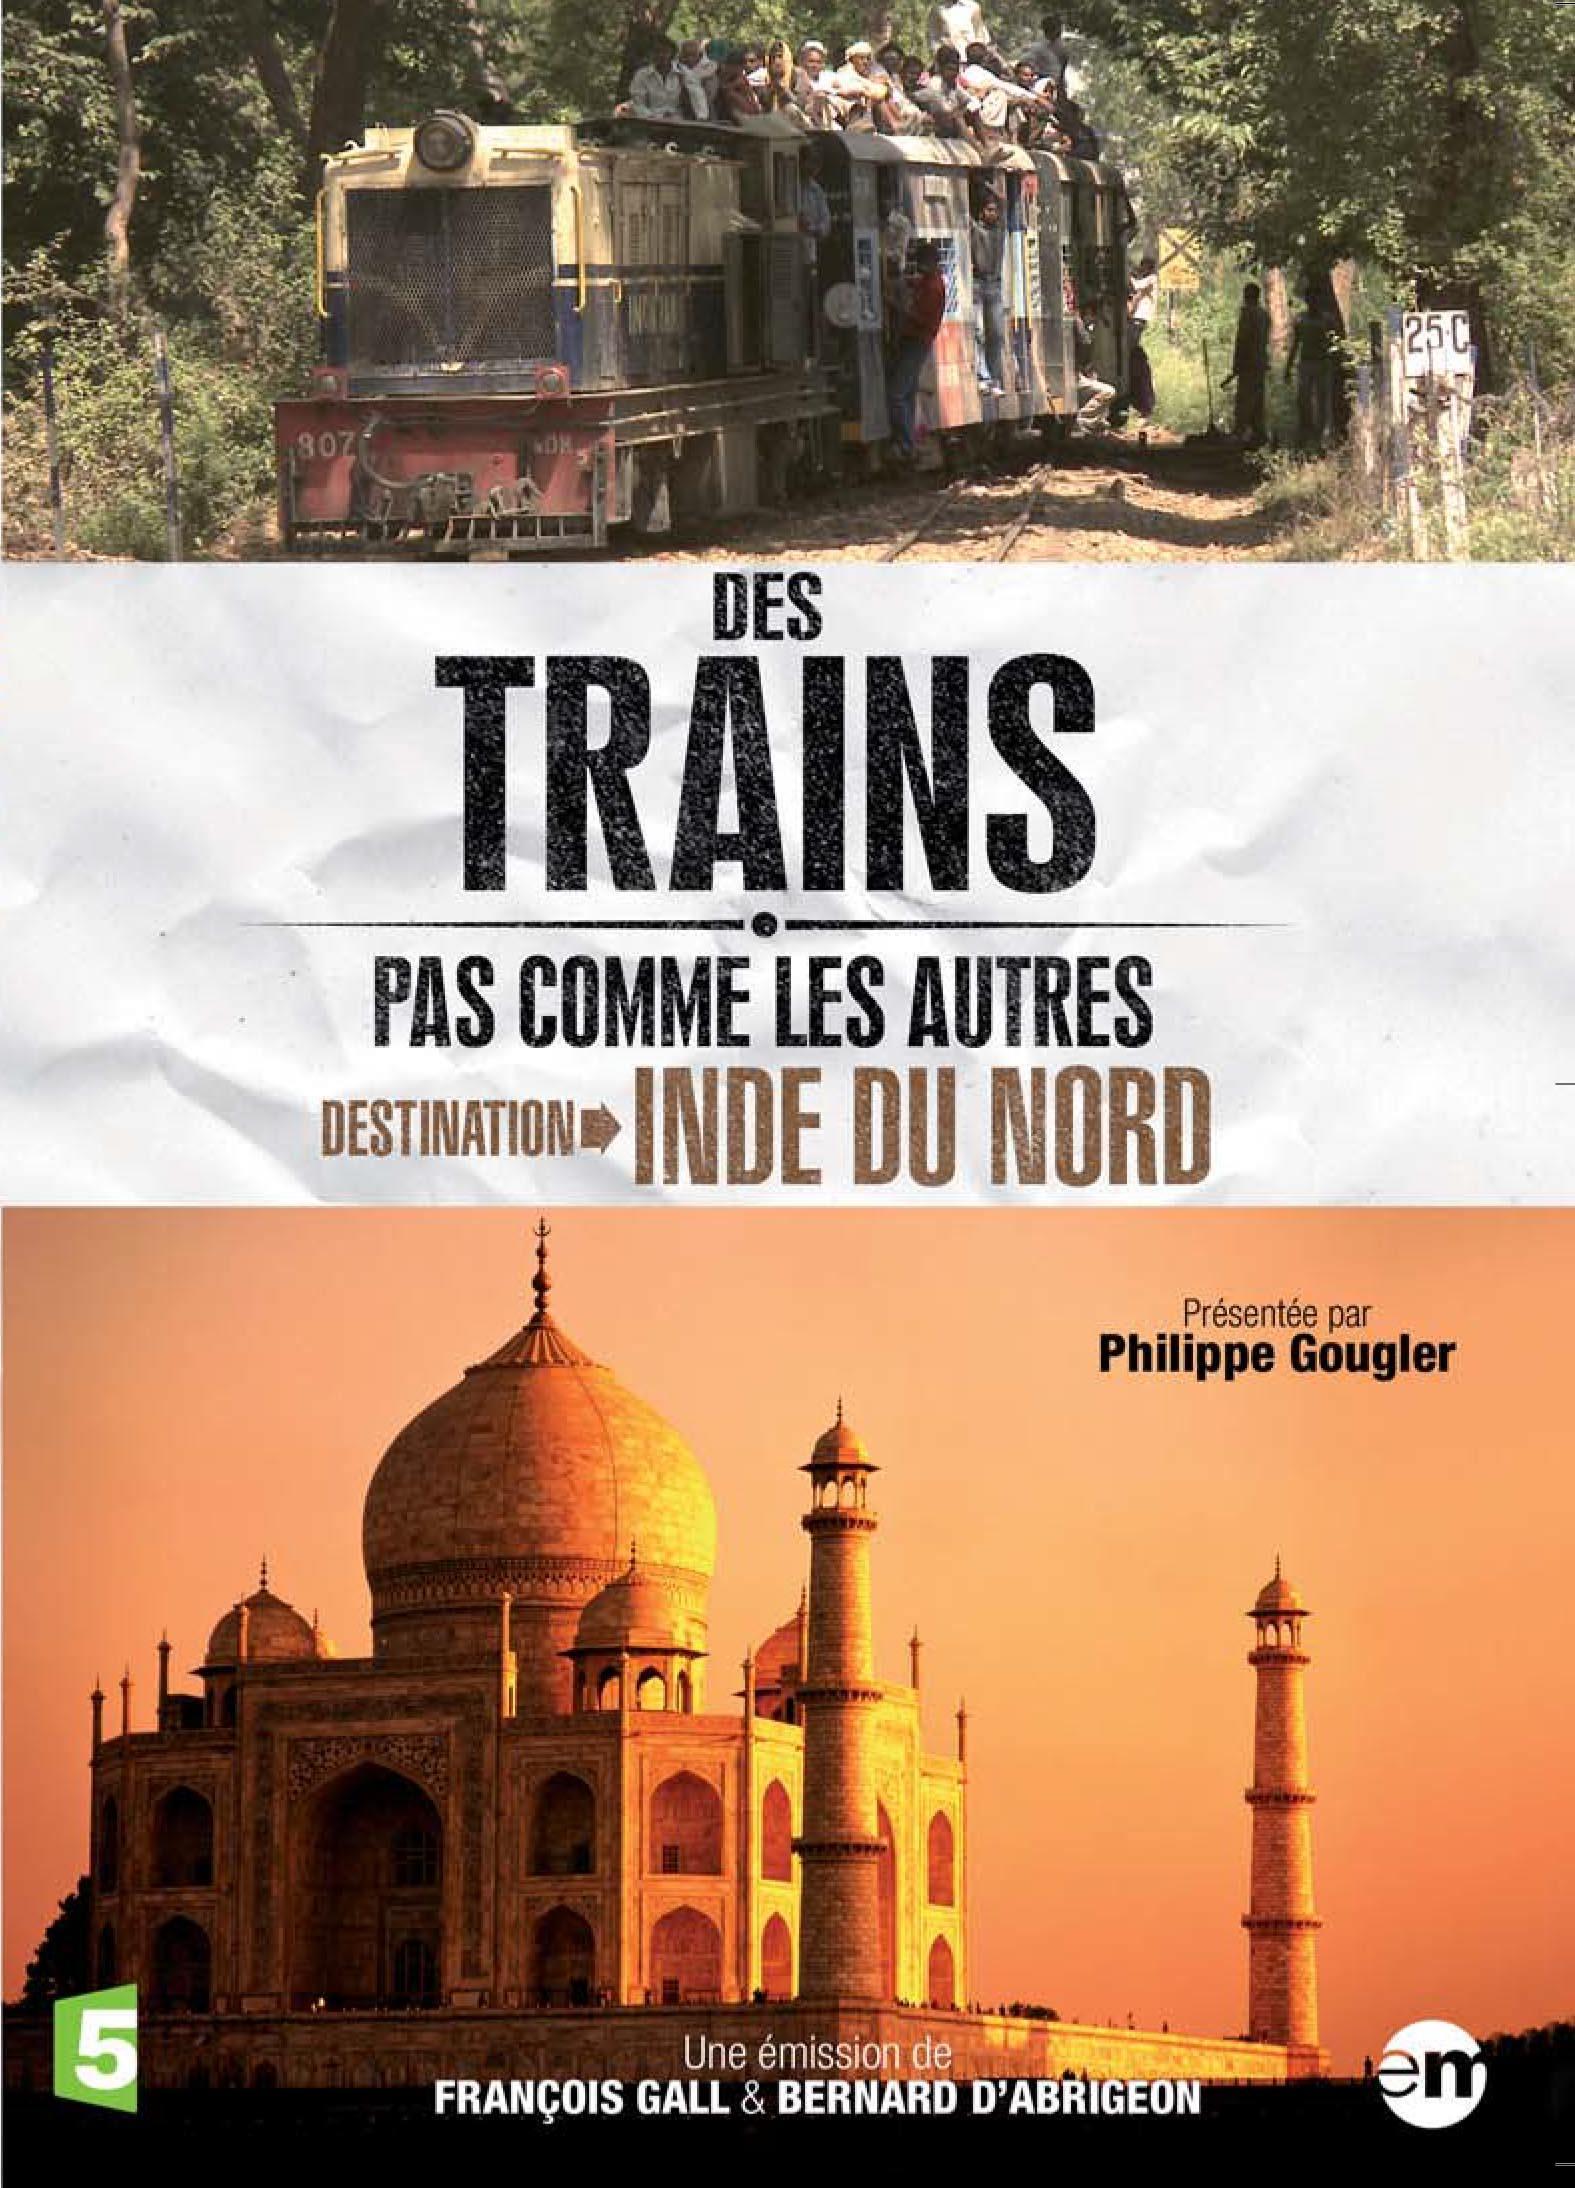 Destination inde du nord - des trains pas comme les autres - dvd